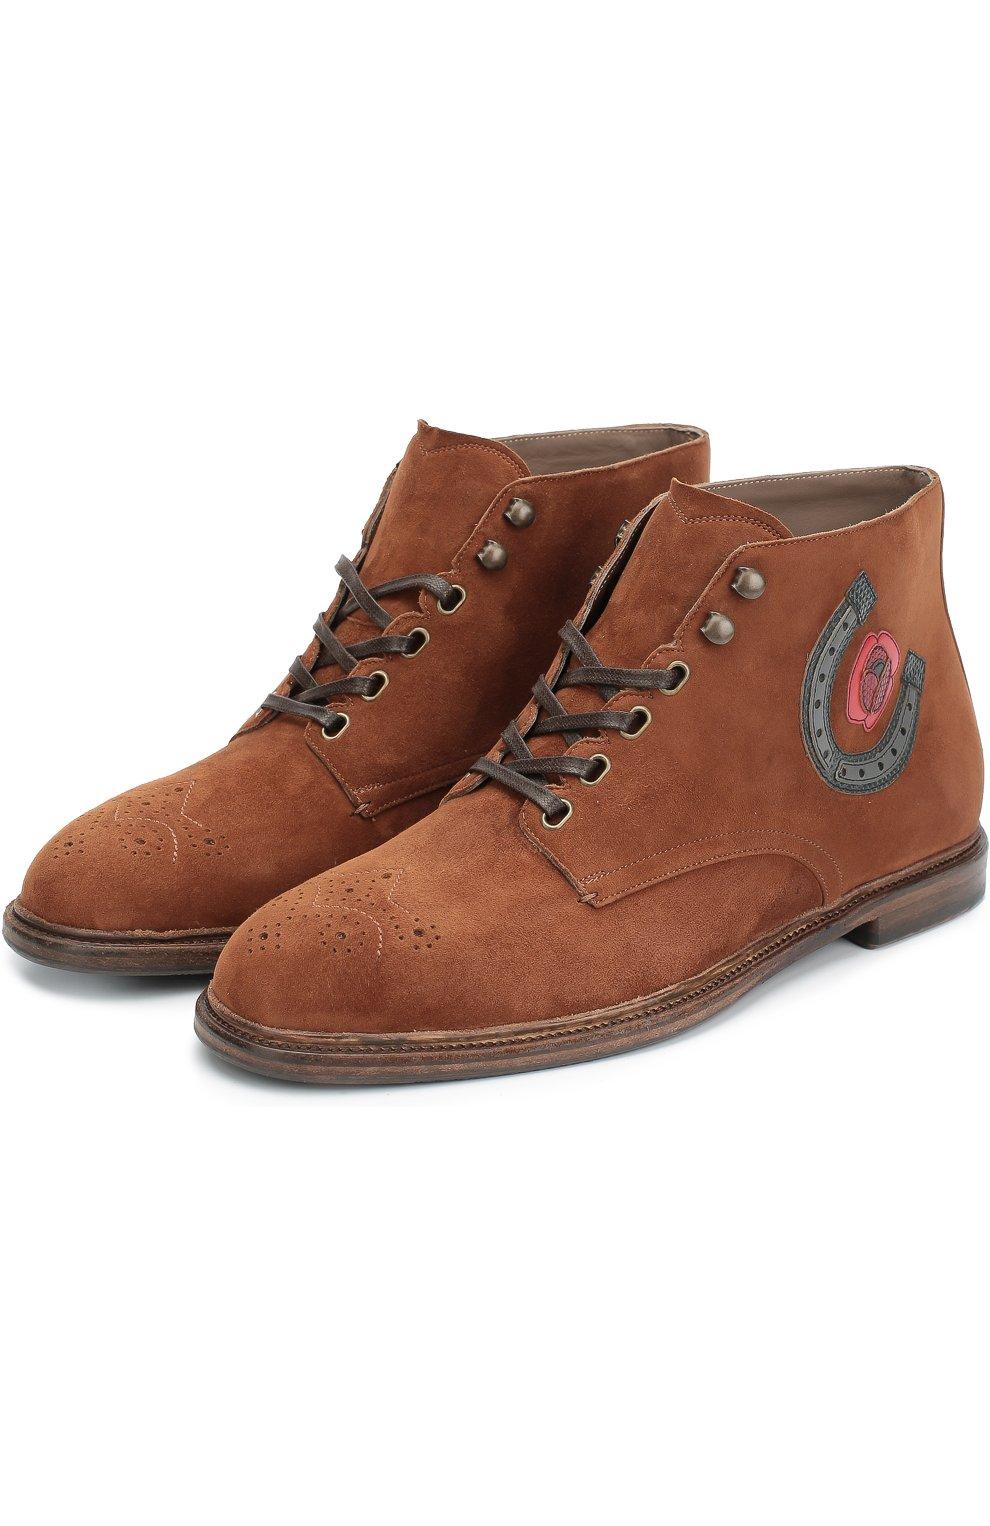 Замшевые ботинки Marsala с брогированием и аппликацией Dolce & Gabbana коричневые | Фото №4